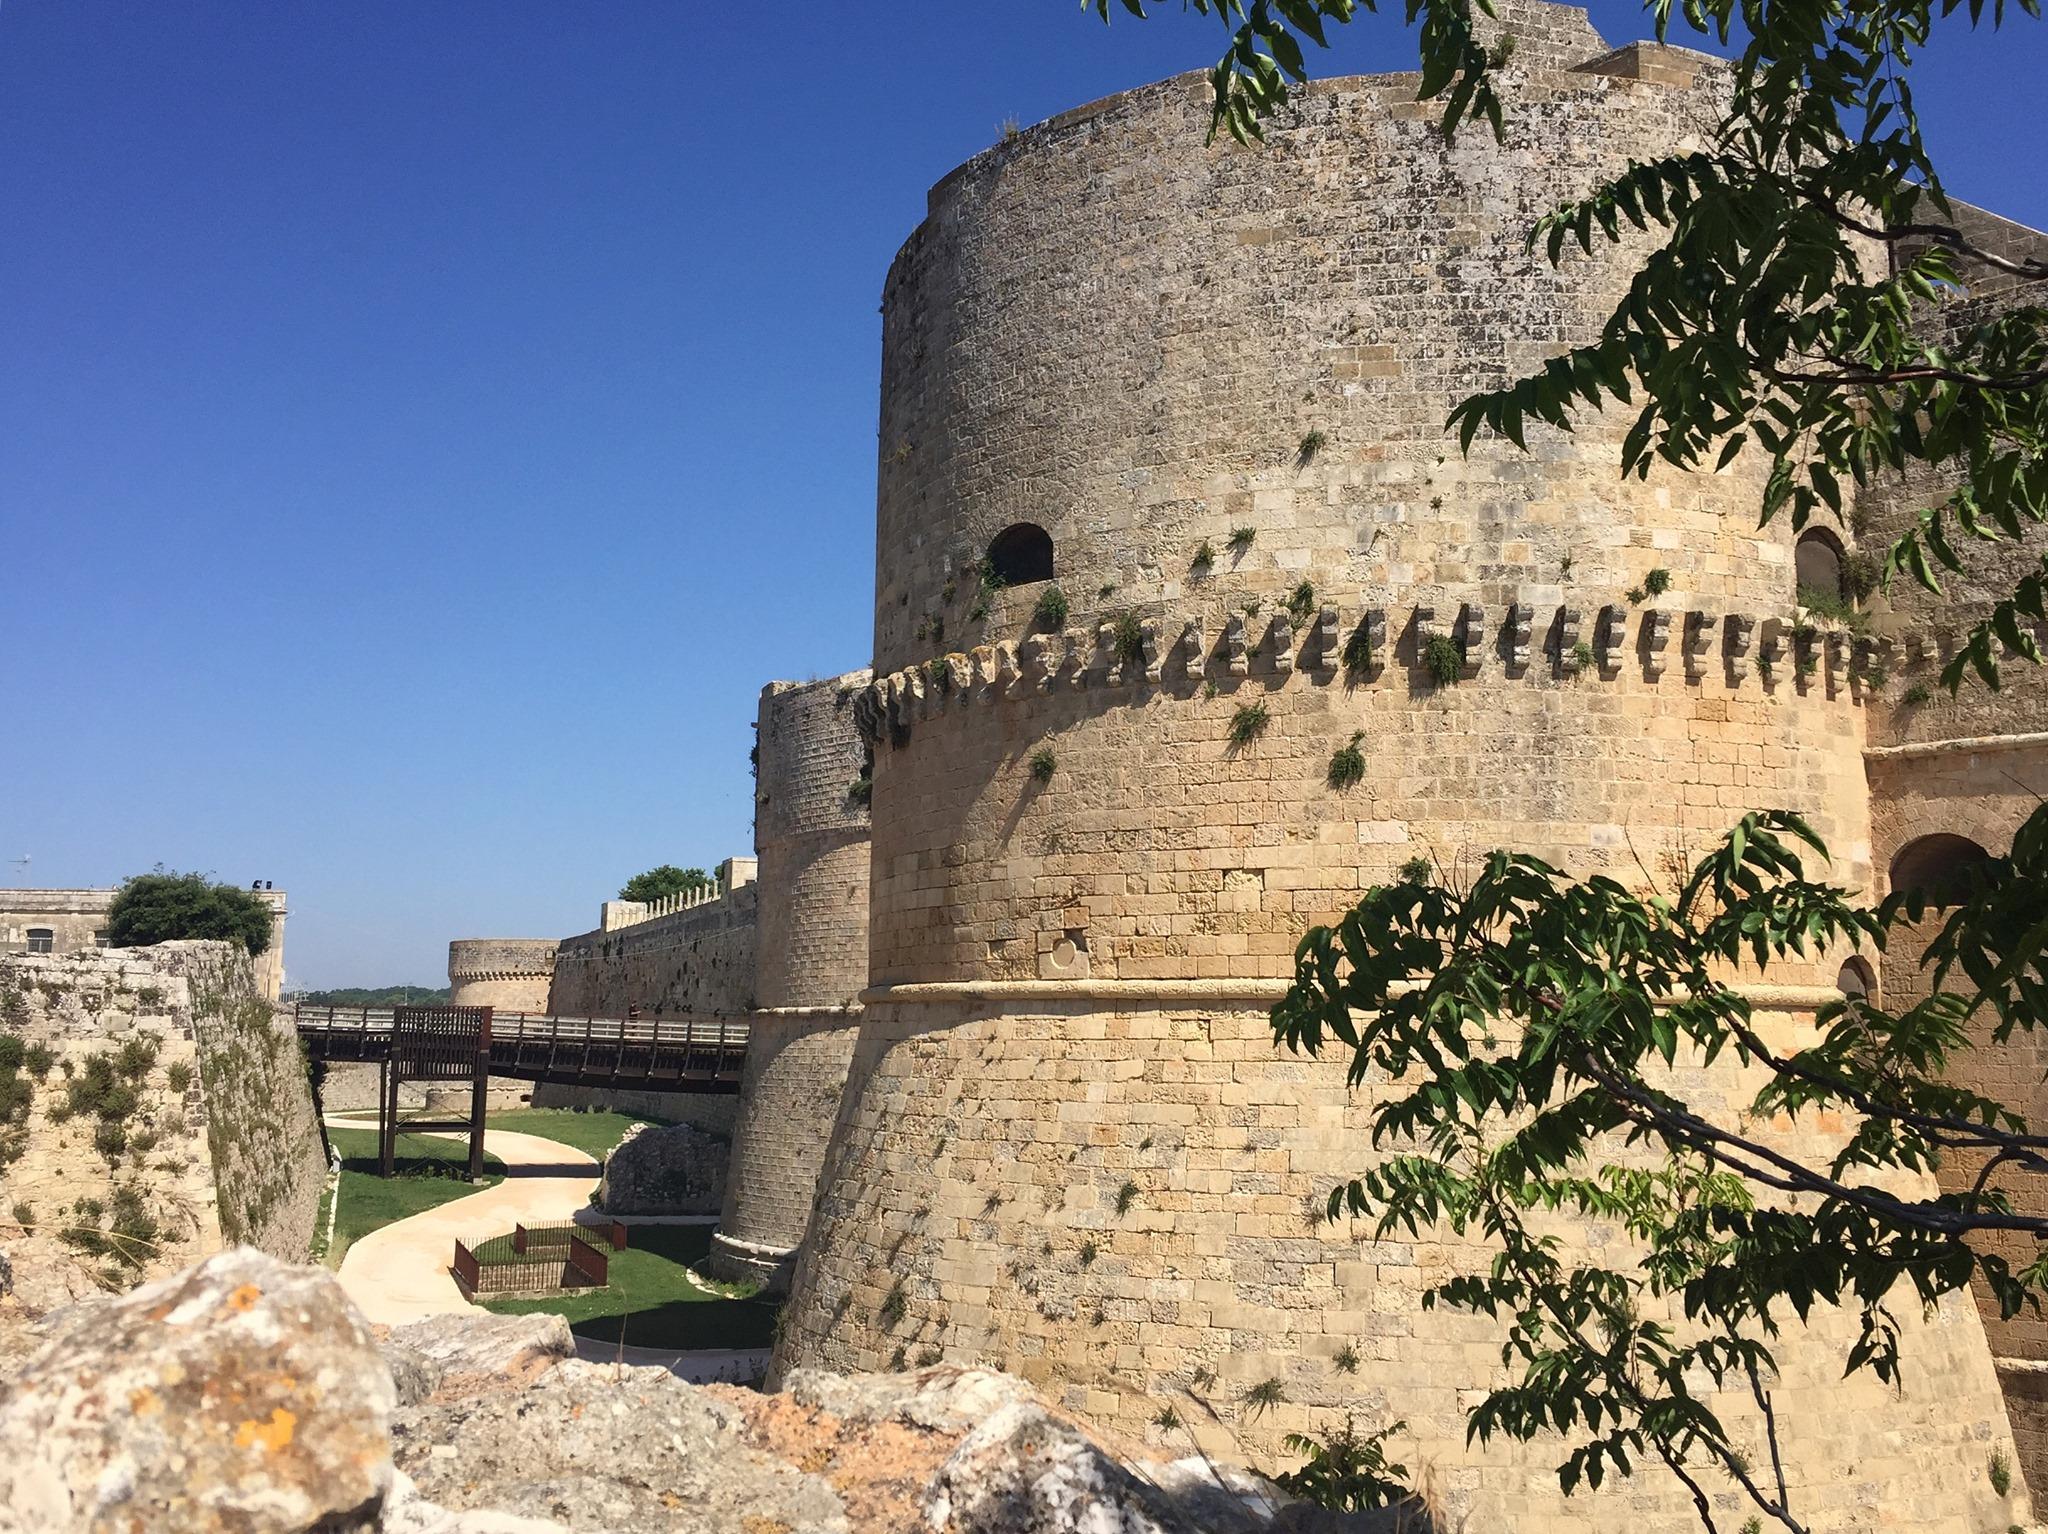 castello aragonese di otranto storia